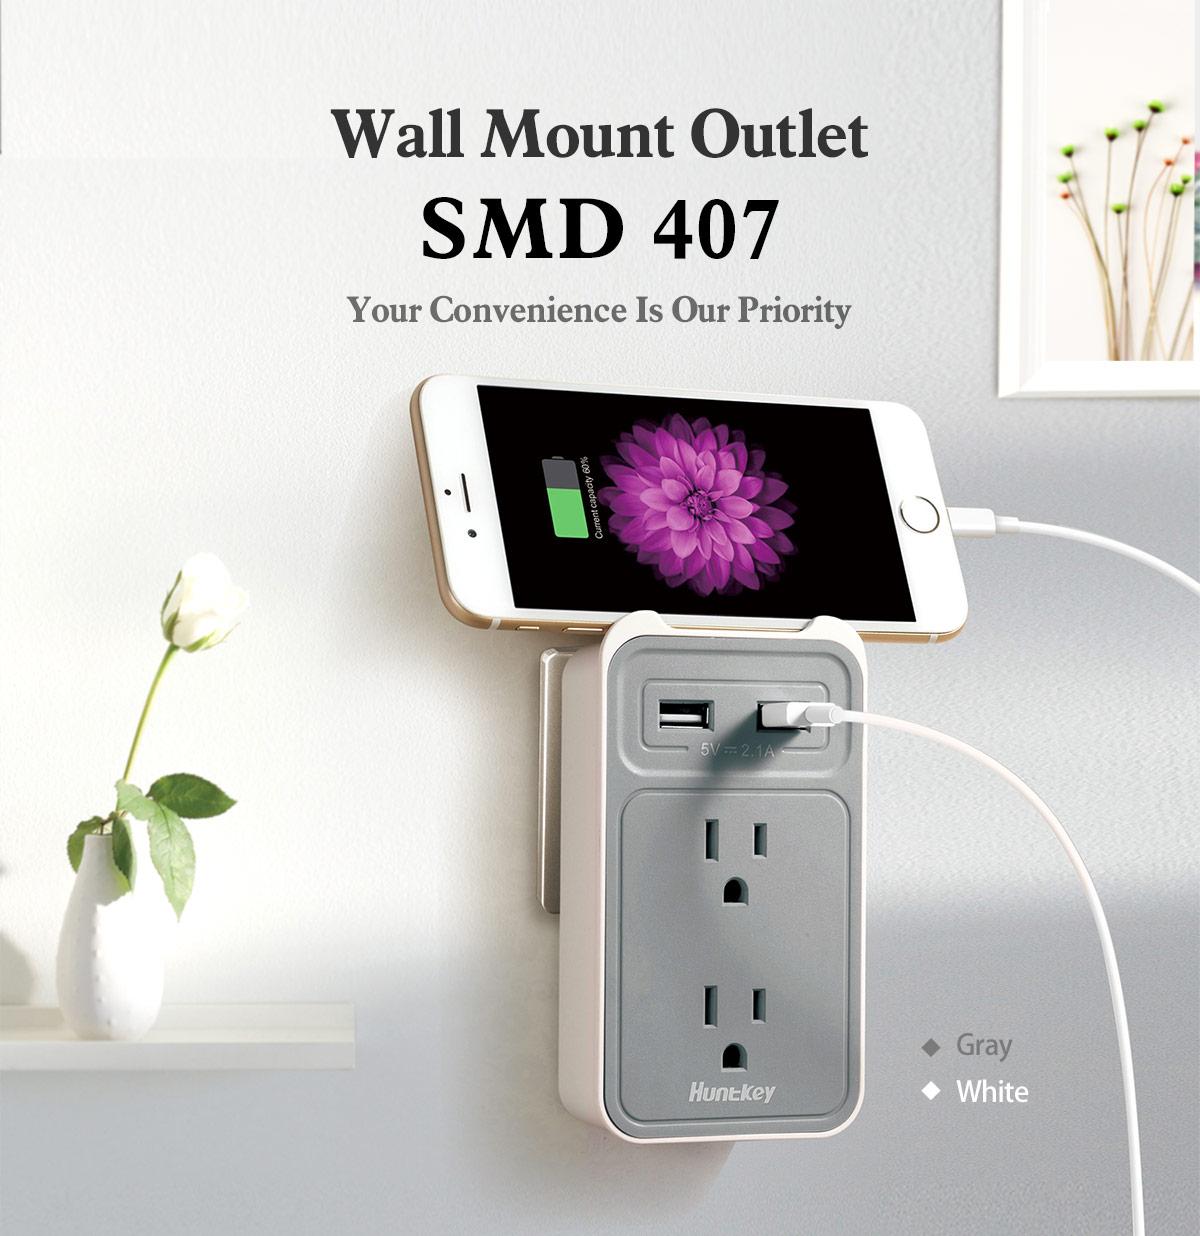 SMD407_1 SMD407(White)